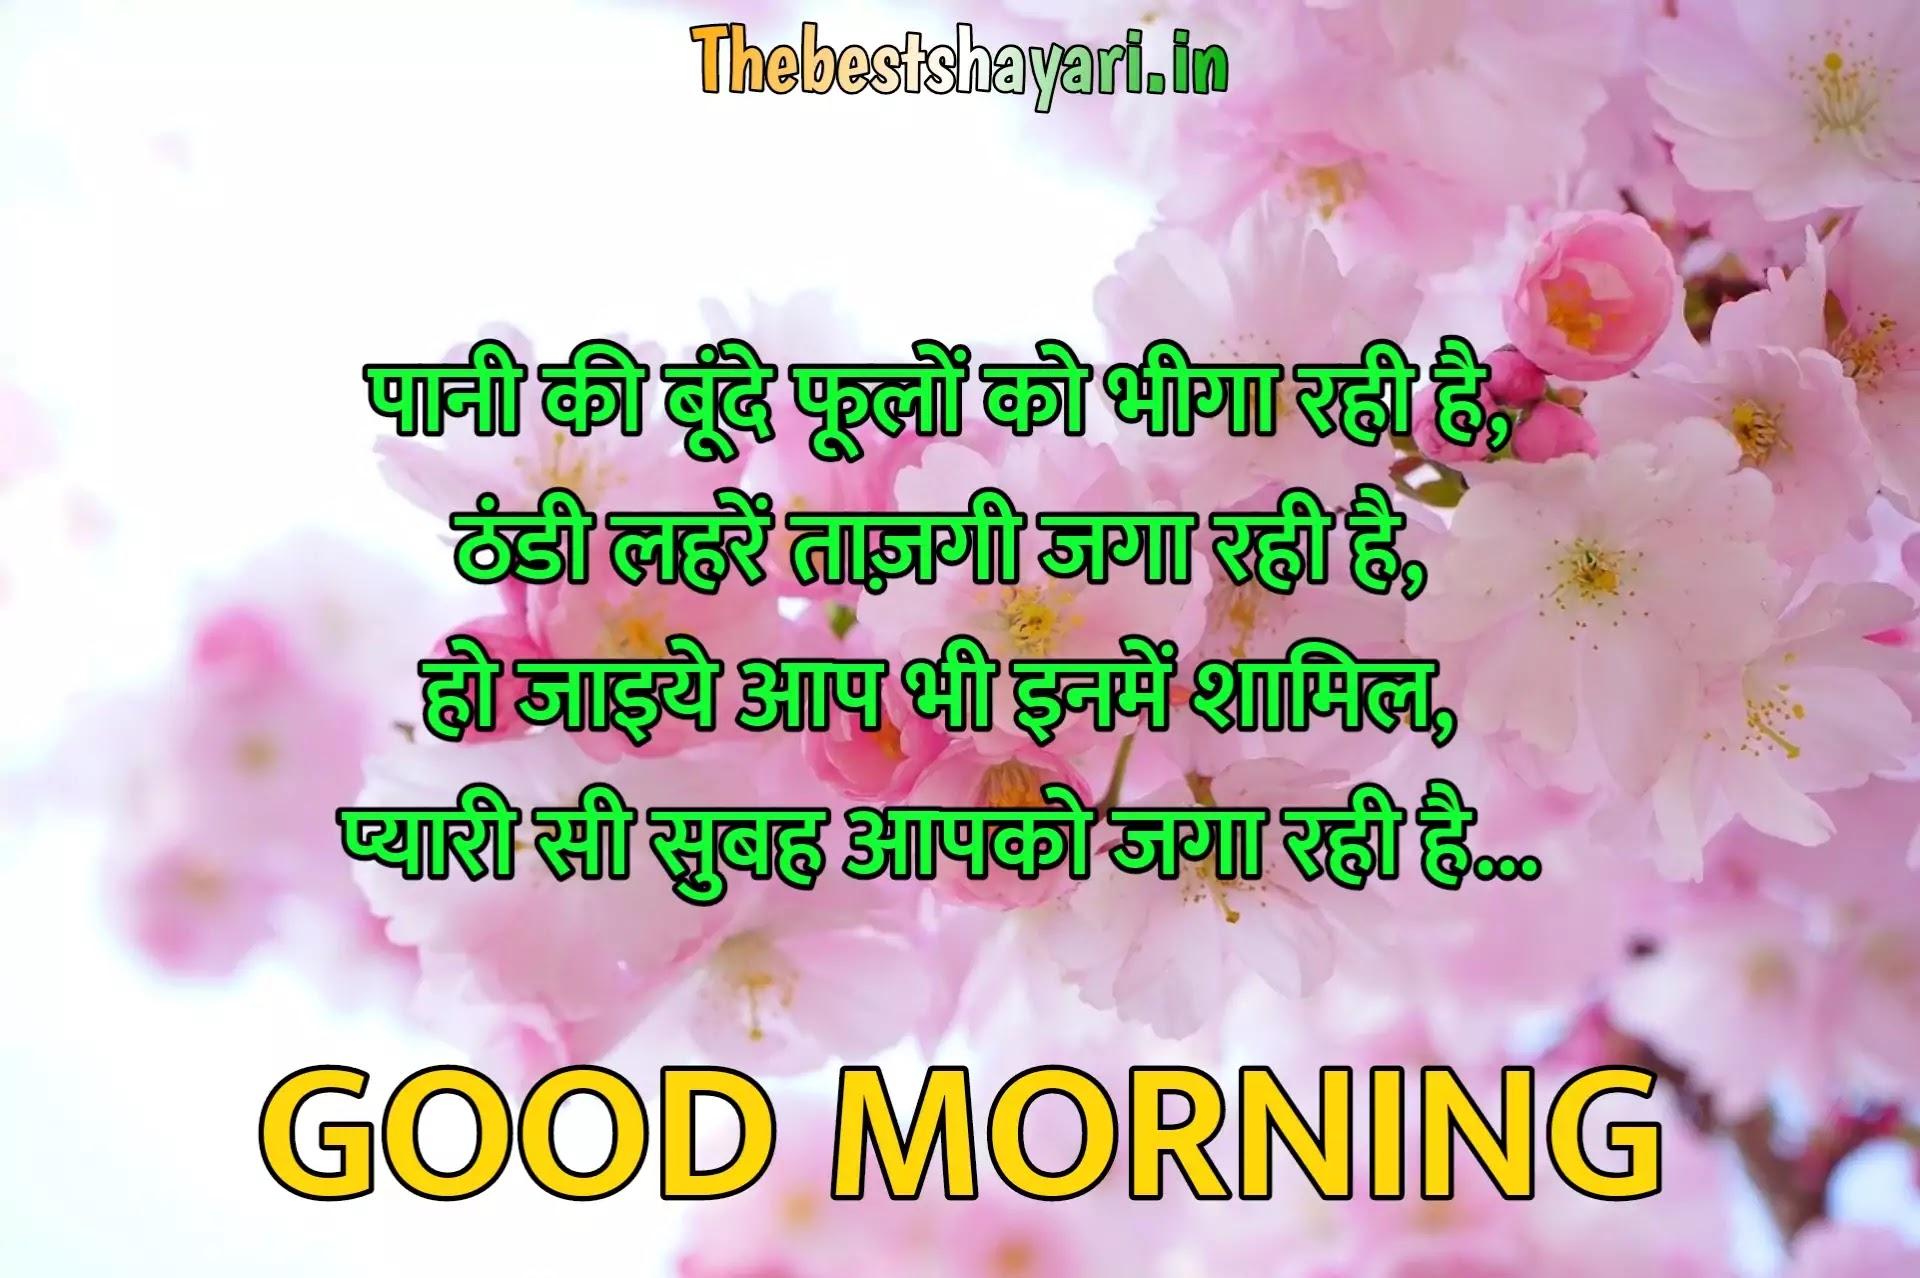 khubsurat good morning shayari in Hindi